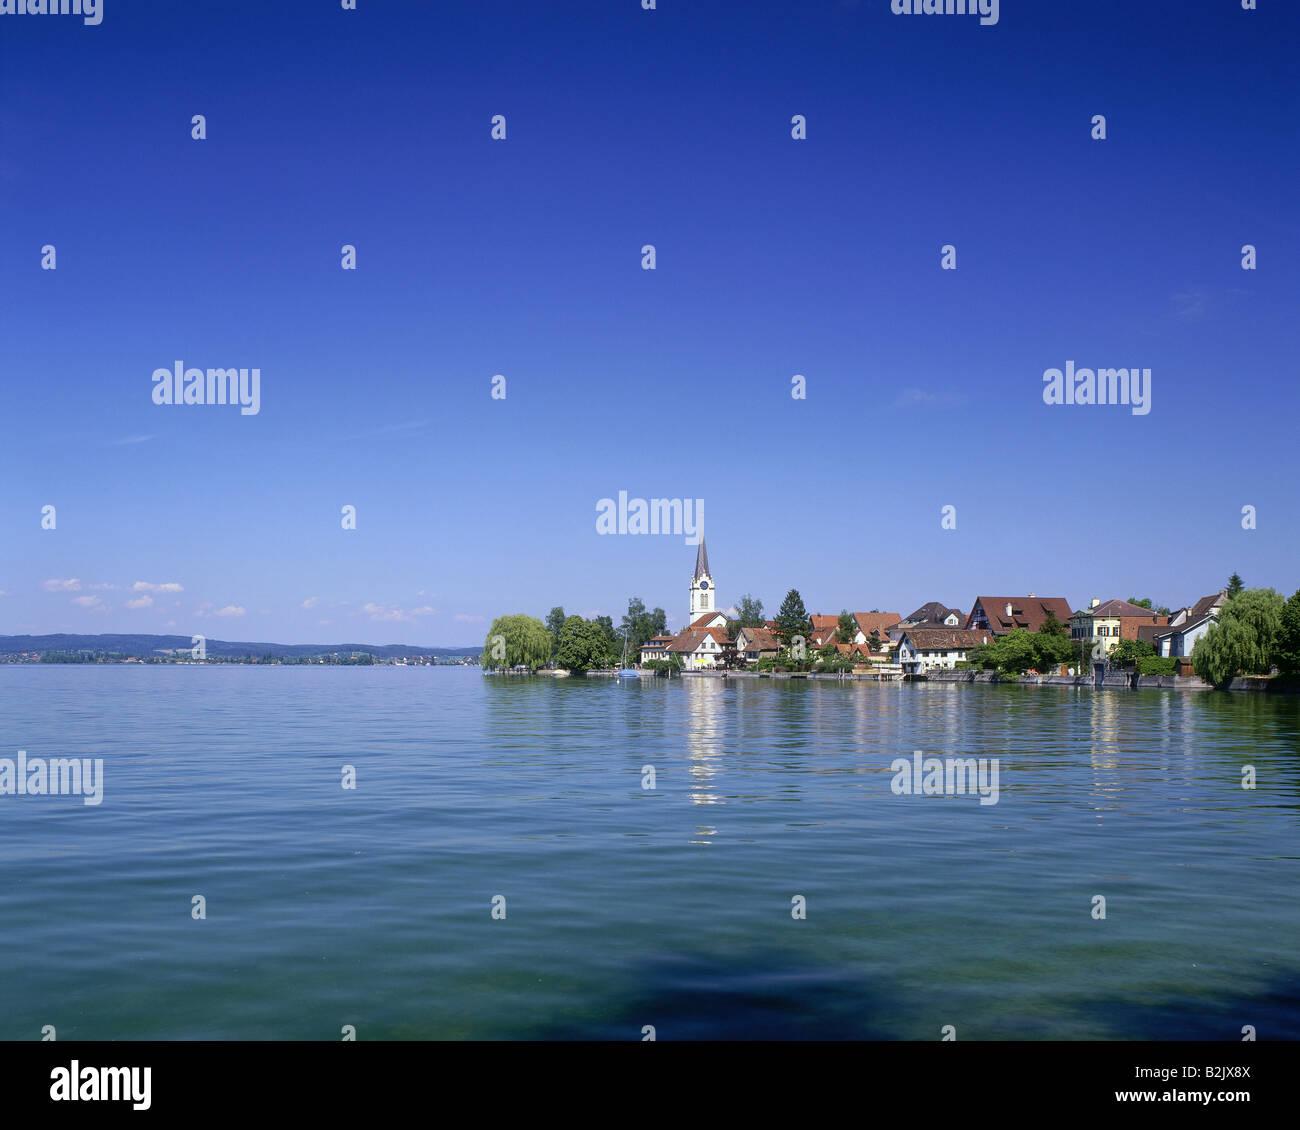 Geografia / viaggi, Svizzera, paesaggi, il lago di Costanza, vista verso Berlingen, Additional-Rights-Clearance Immagini Stock